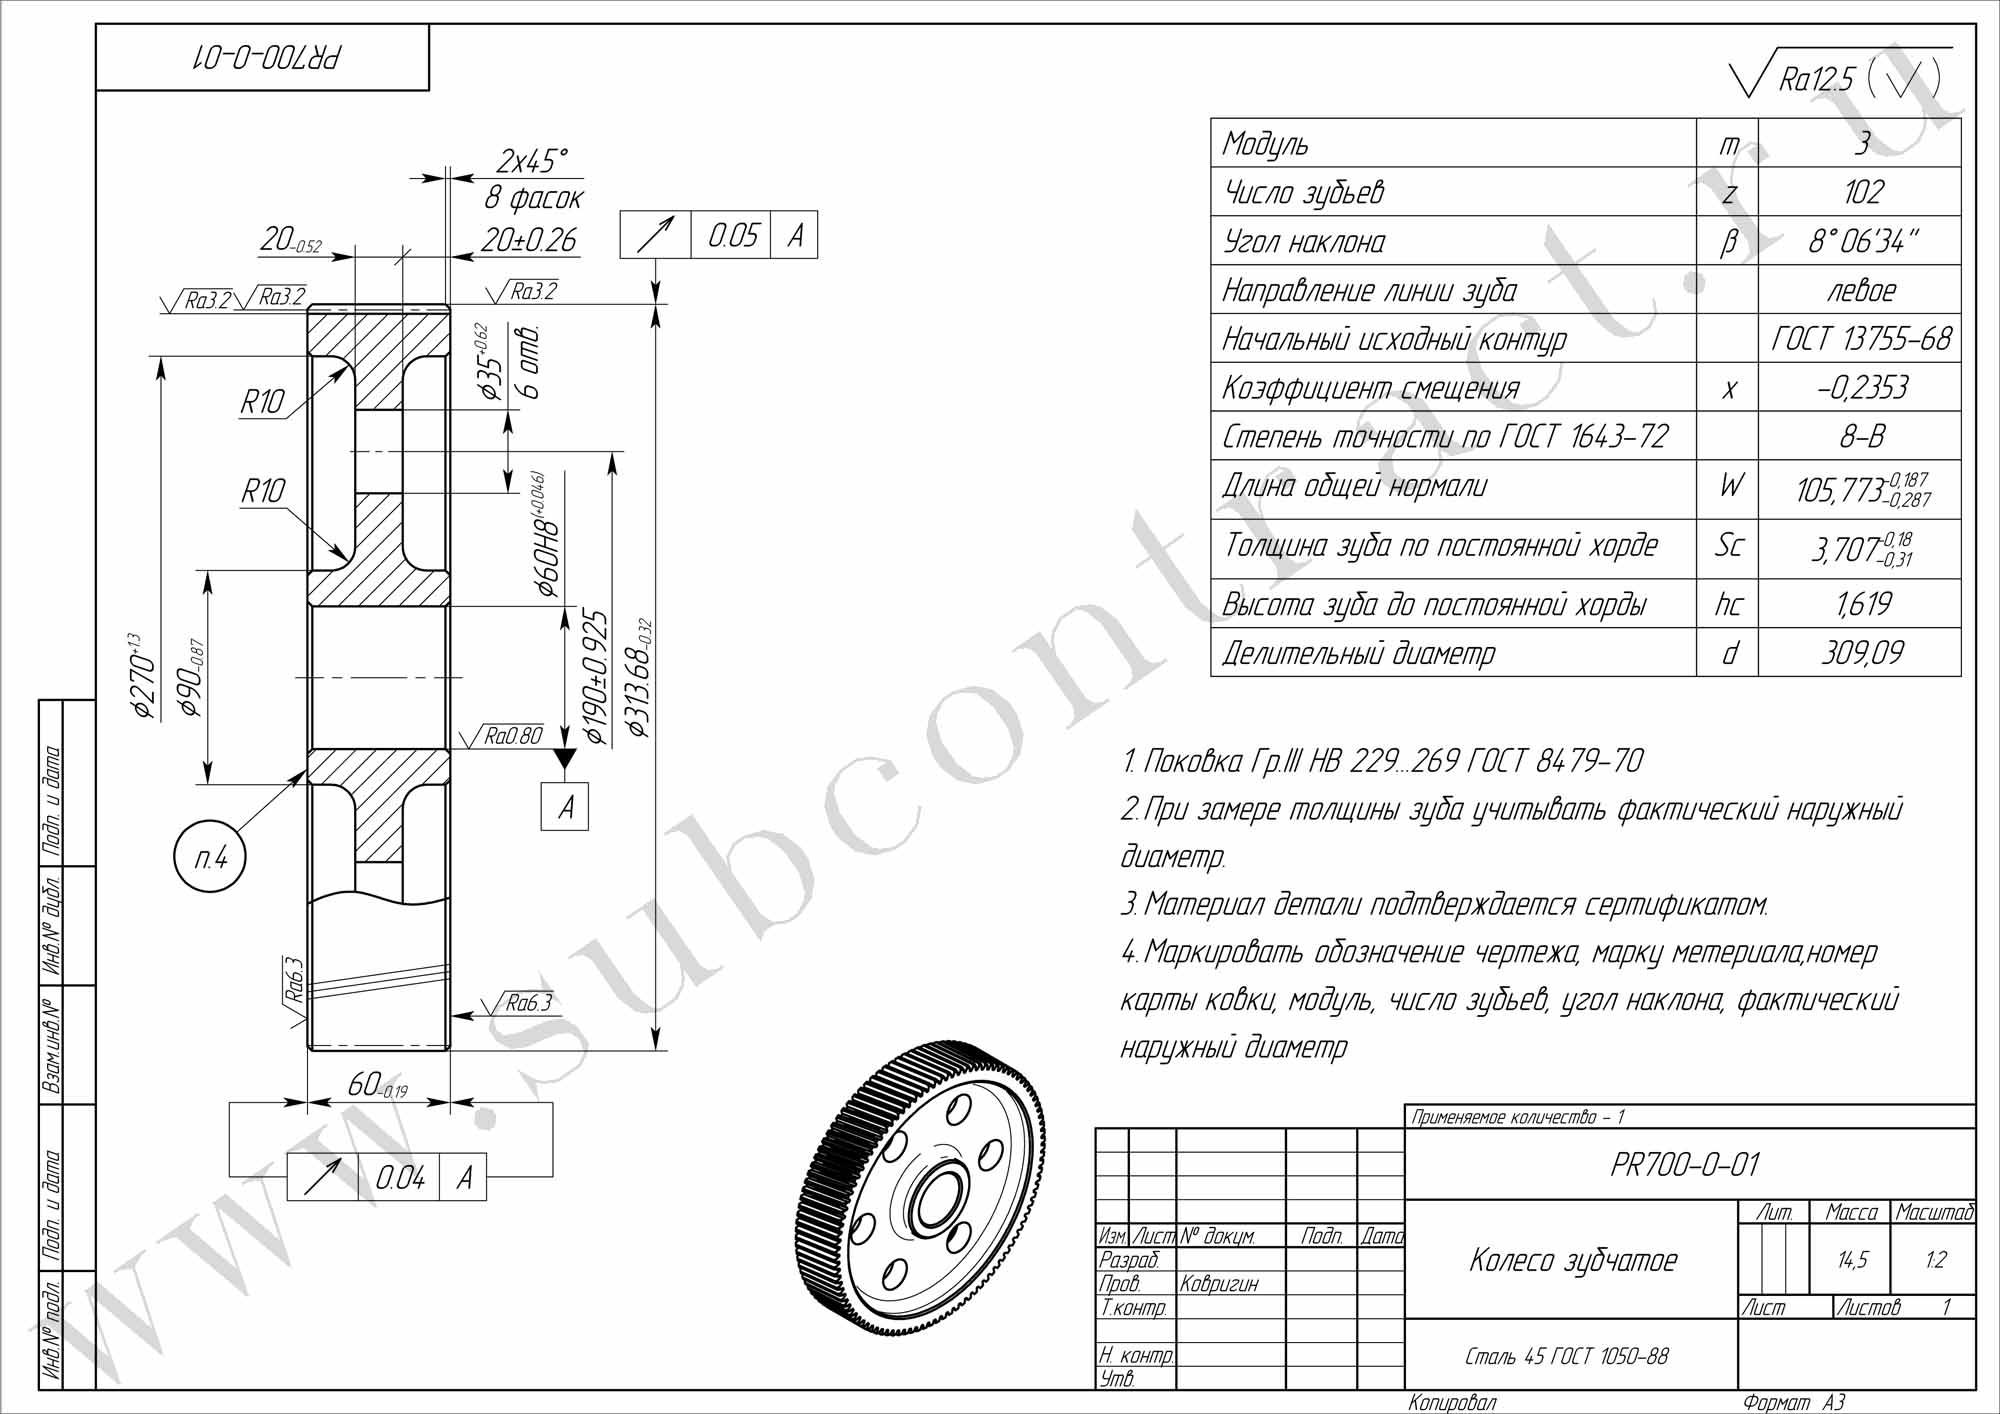 Инженерная графика | лекции | чертежи деталей. сборочный чертеж. | cadinstructor